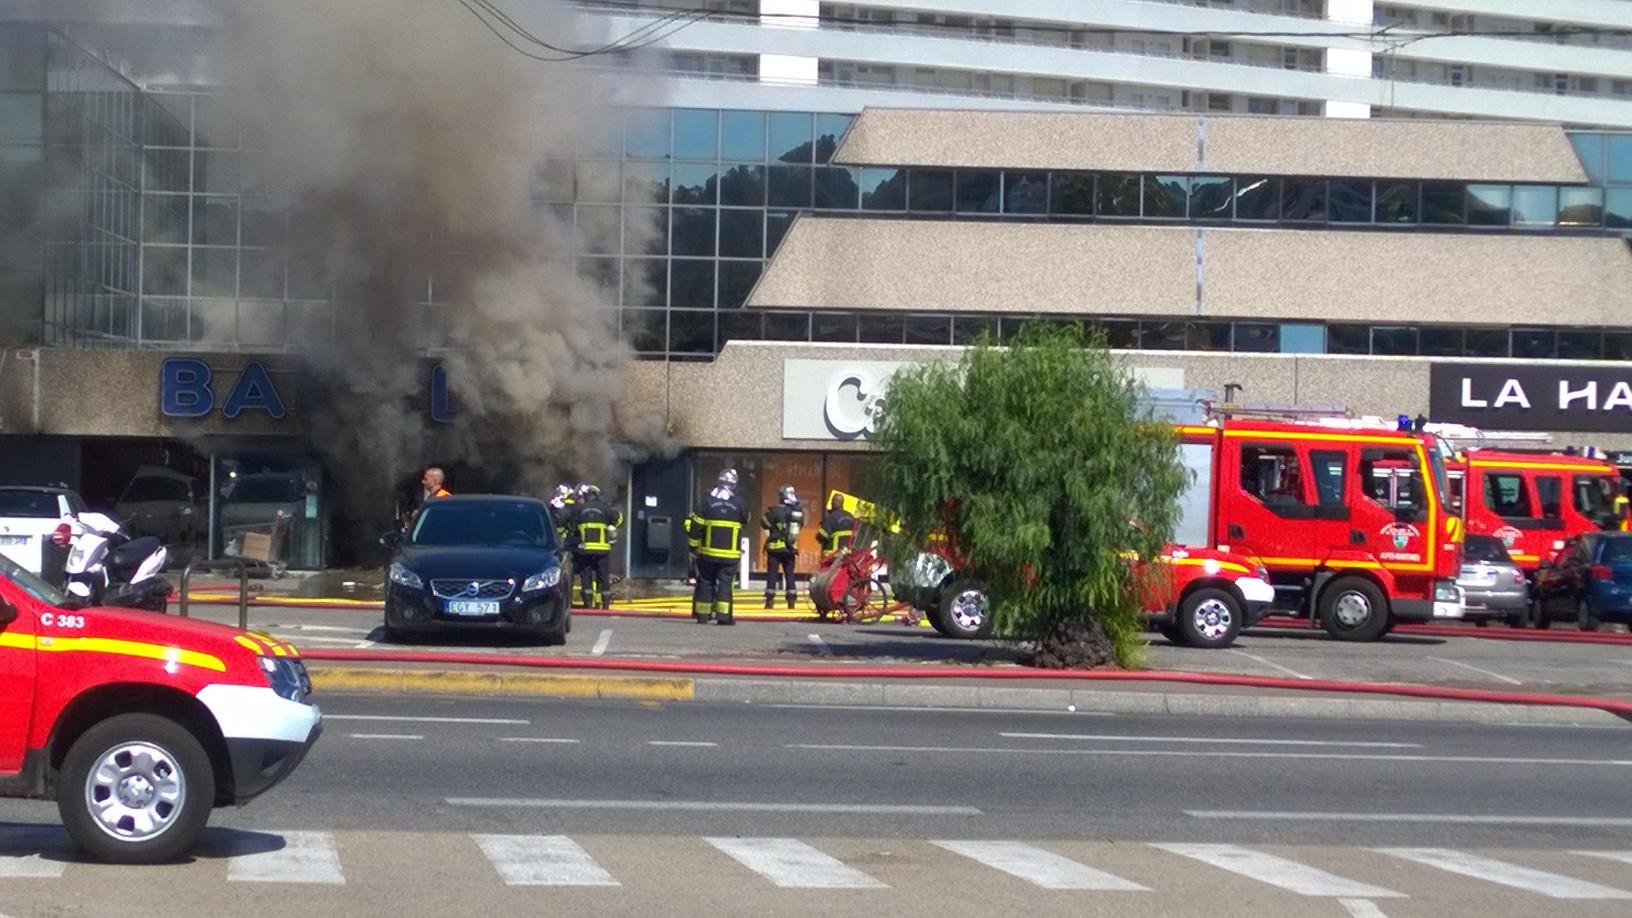 Incendie dans un magasin de la zone commerciale de villeneuve loubet nice matin - Magasin meuble villeneuve loubet ...